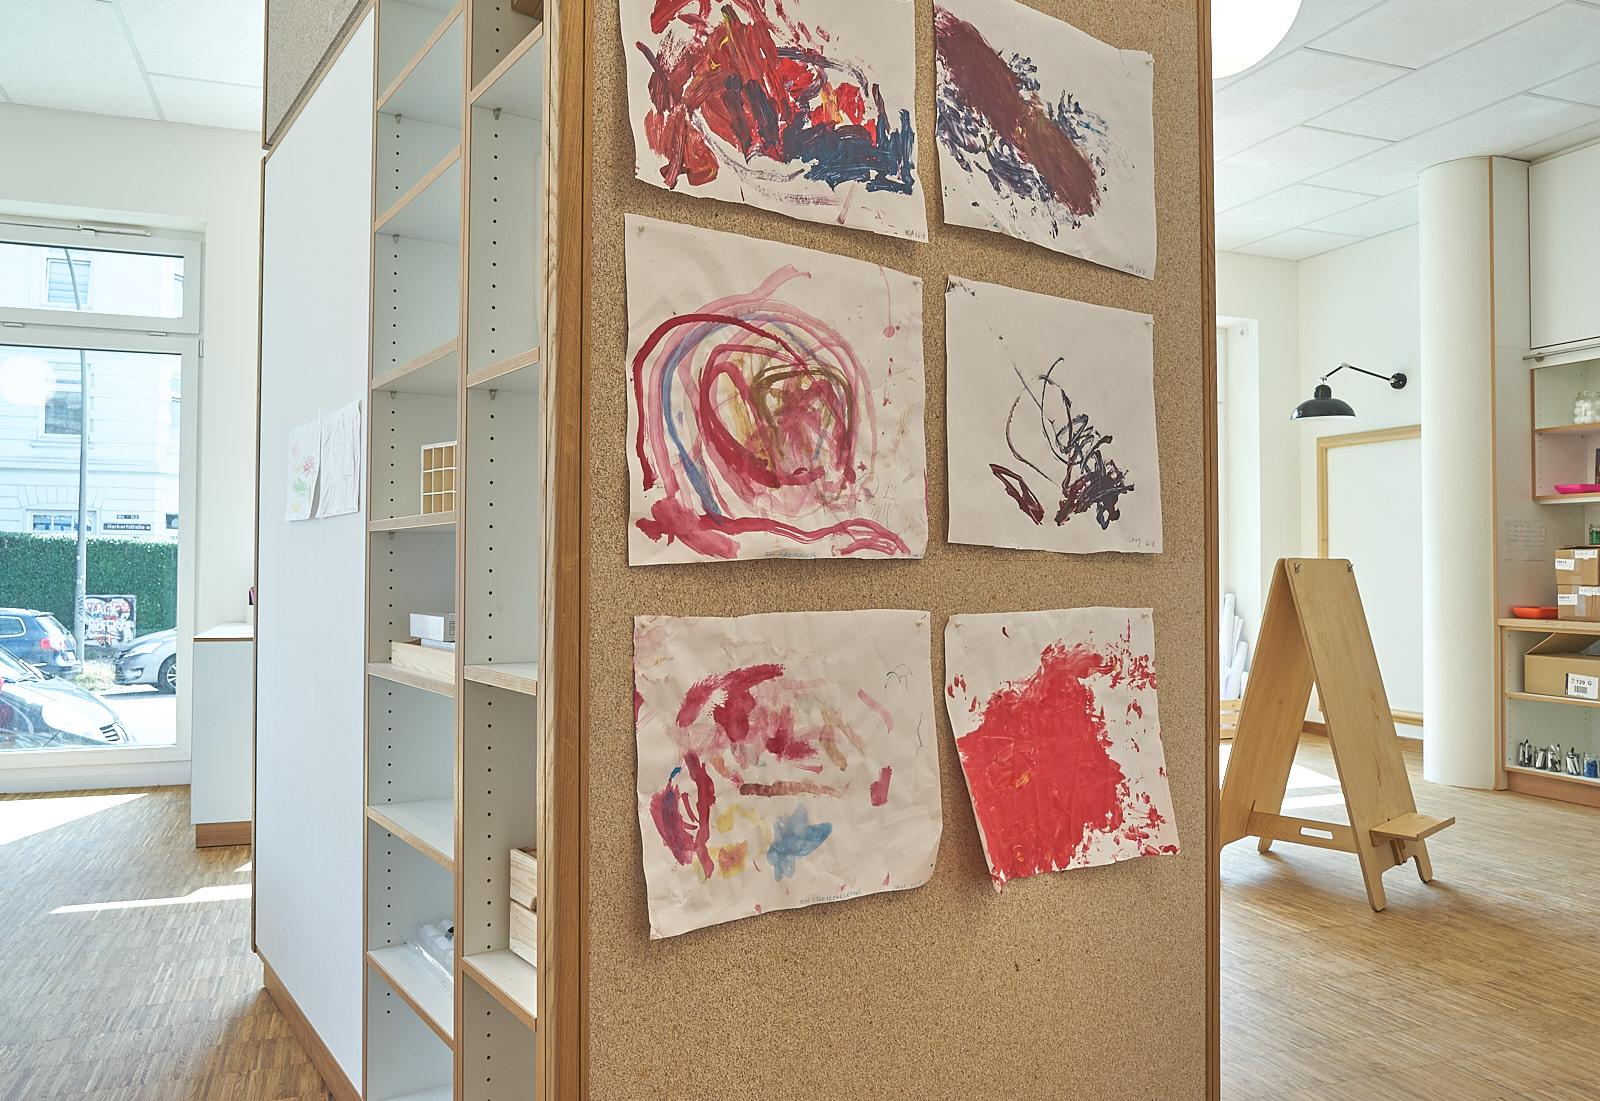 Hamburg, Neue Mitte Altona, Moete, Kita Sandvika, Atelier, Lernwerkstatt, Kita, Kindergarten, Kindertagesstätte, Krippe 06.jpg